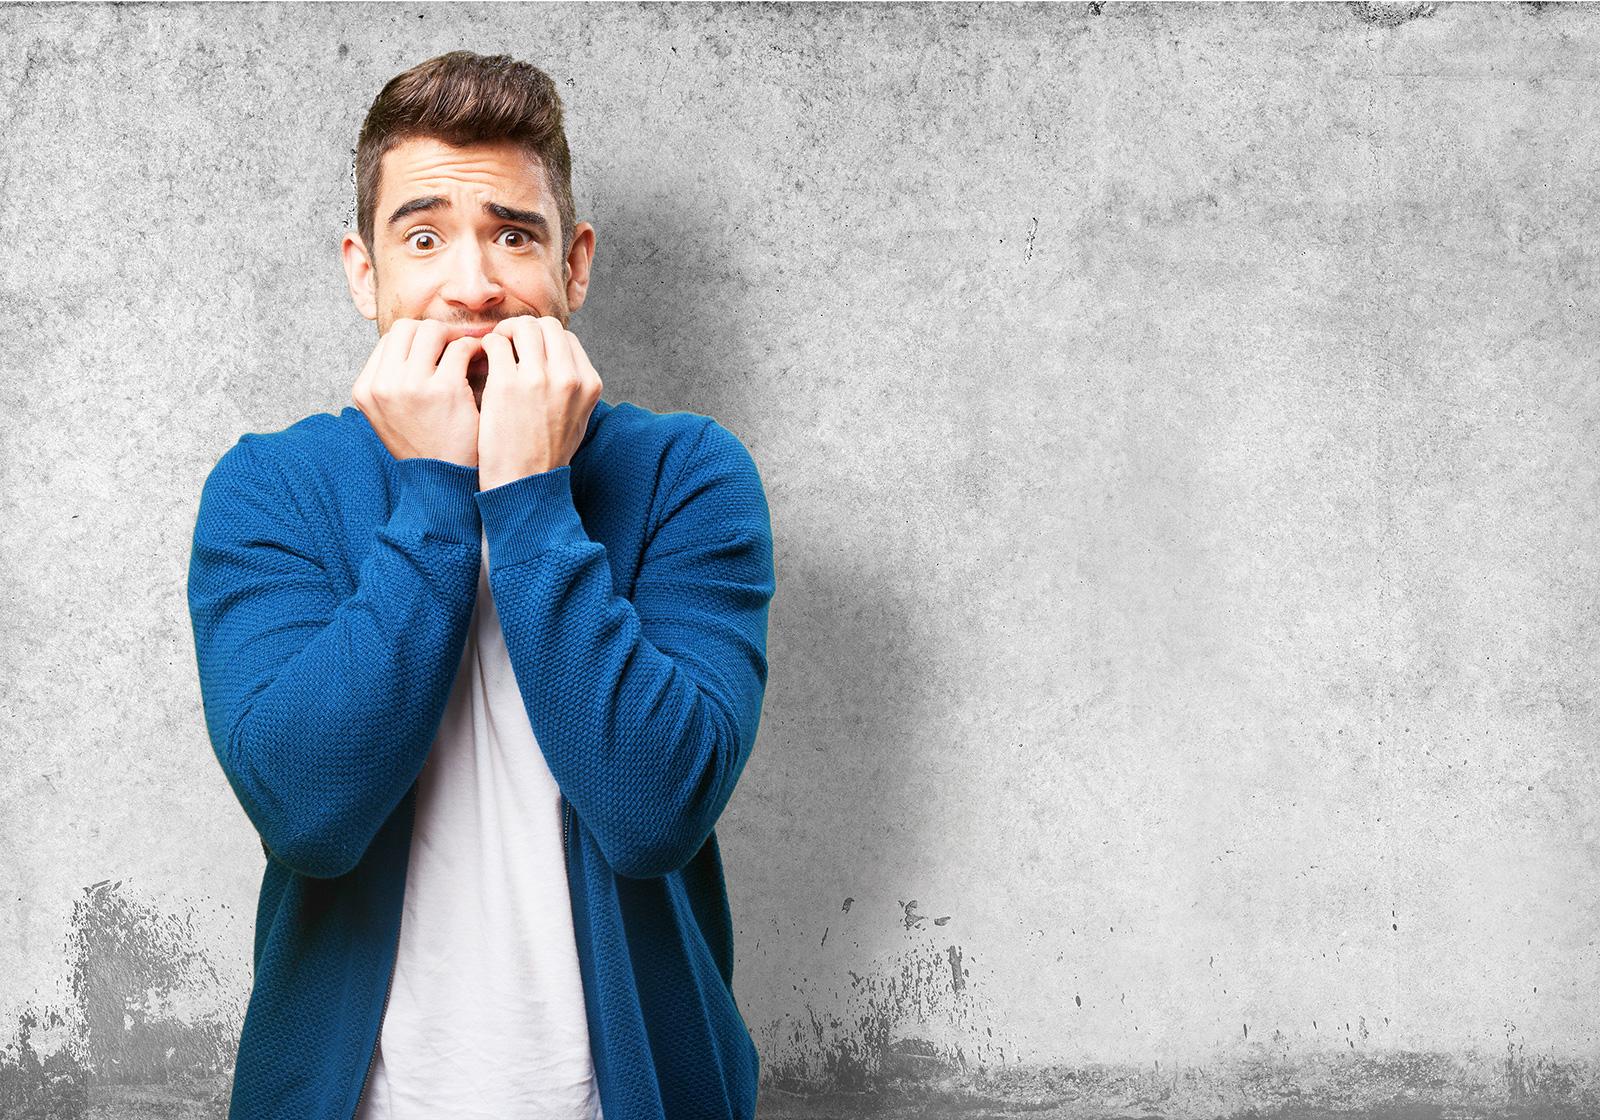 Cum recunoastem simptomele fizice ale depresiei? | Medlife